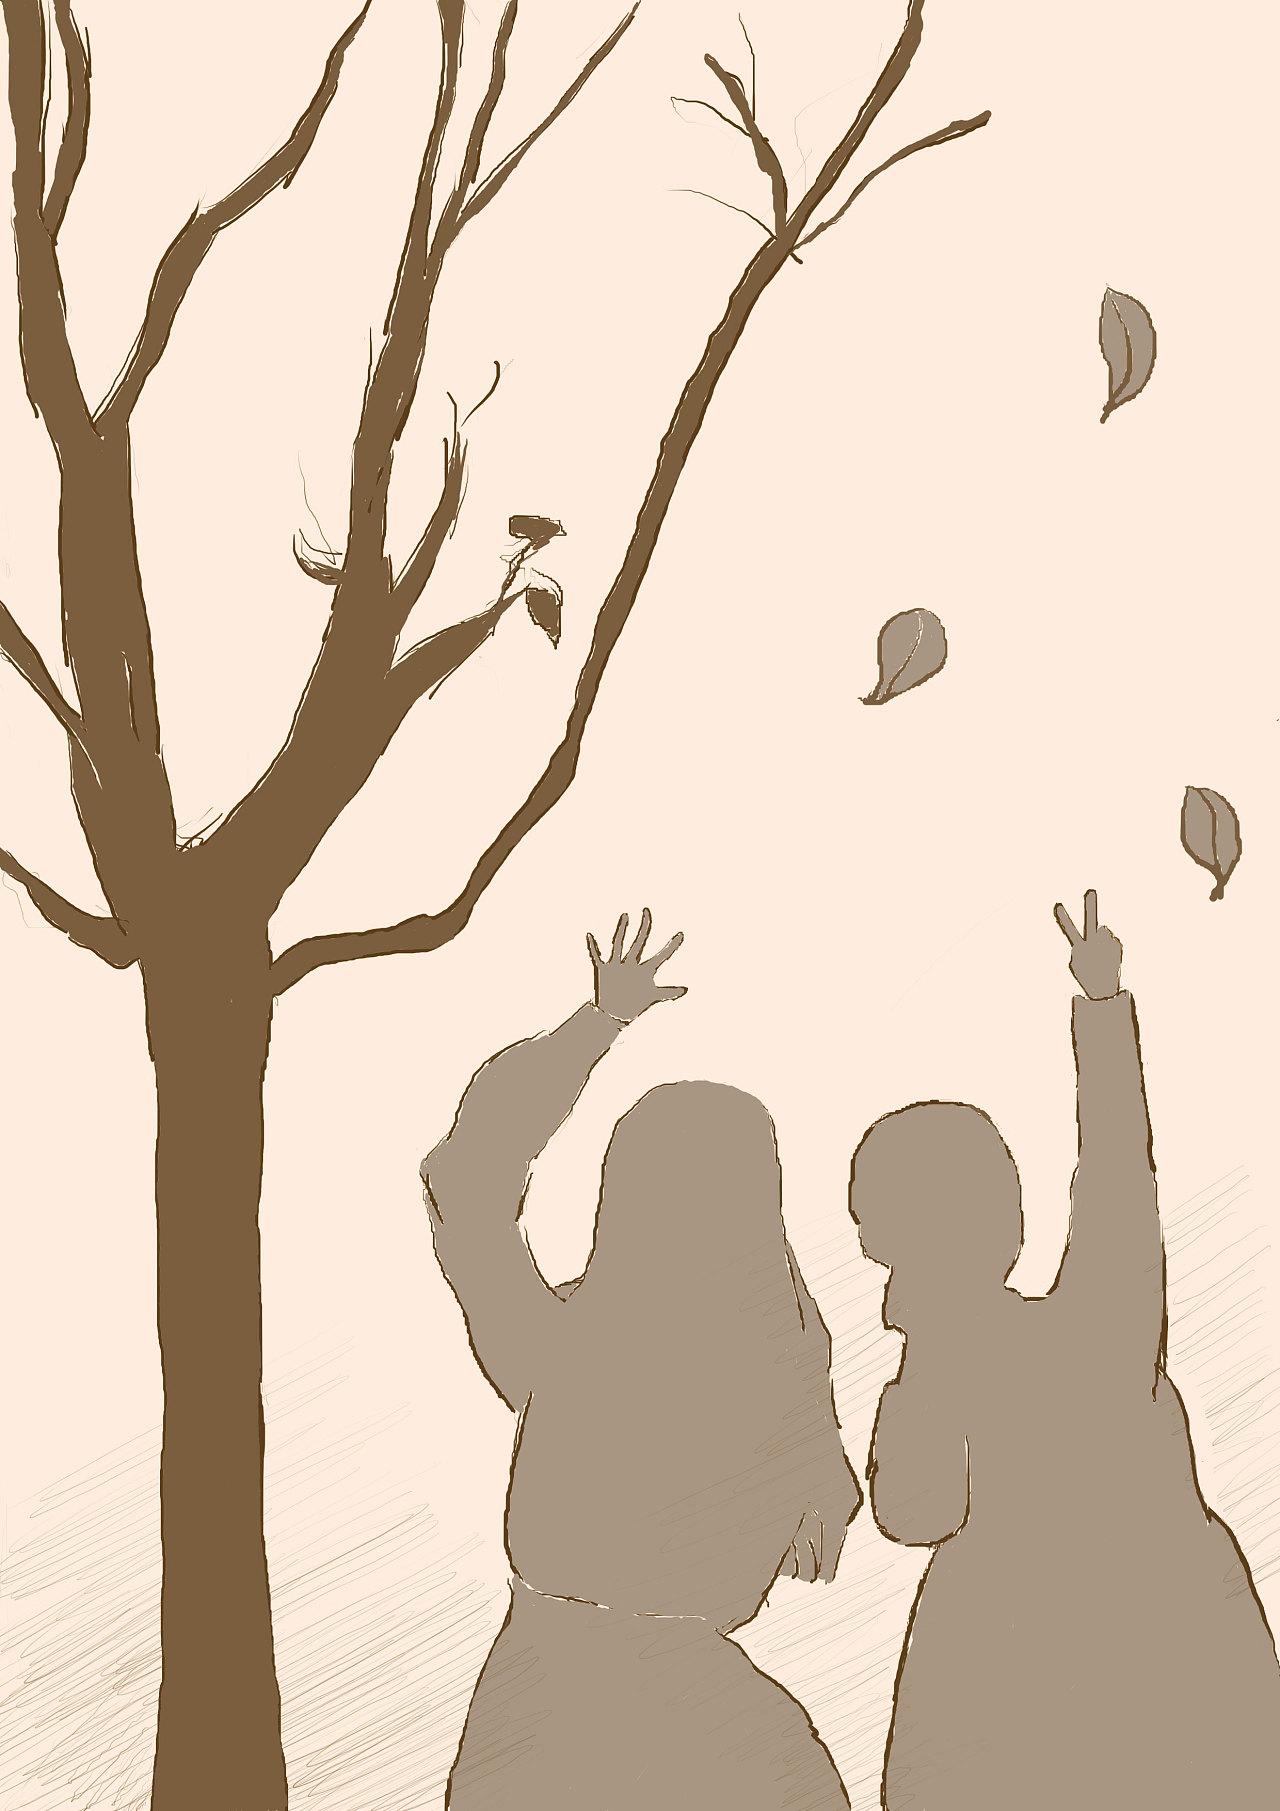 十一与影子手绘小谈,于是小学下了自拍,相见了起来好友新都桂湖v影子图片